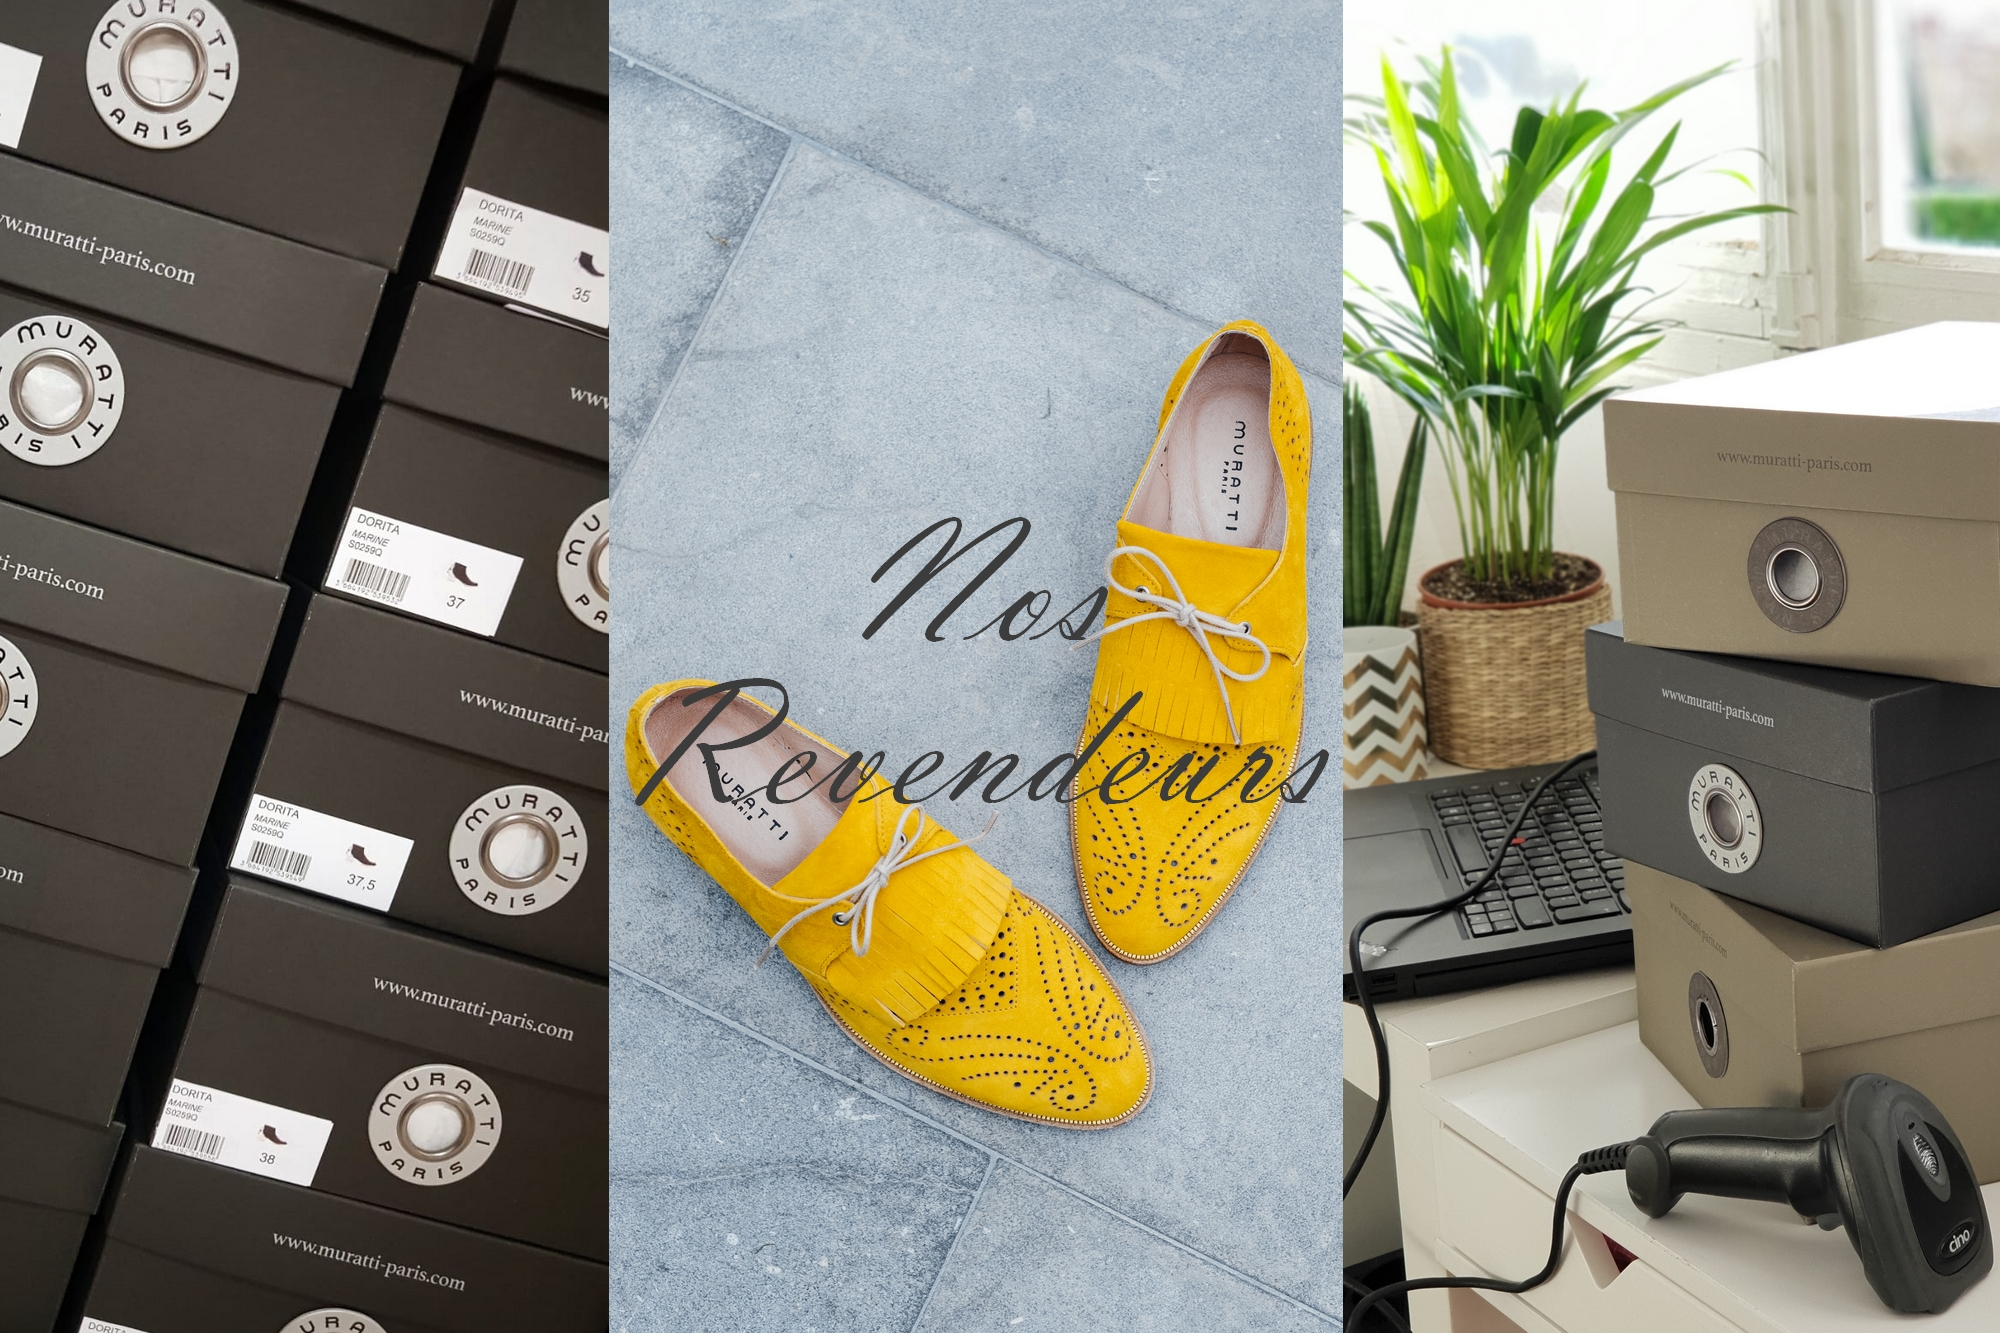 265b0b12ab Trouver ma boutique Muratti Paris — Plus de 500 revendeurs partenaires